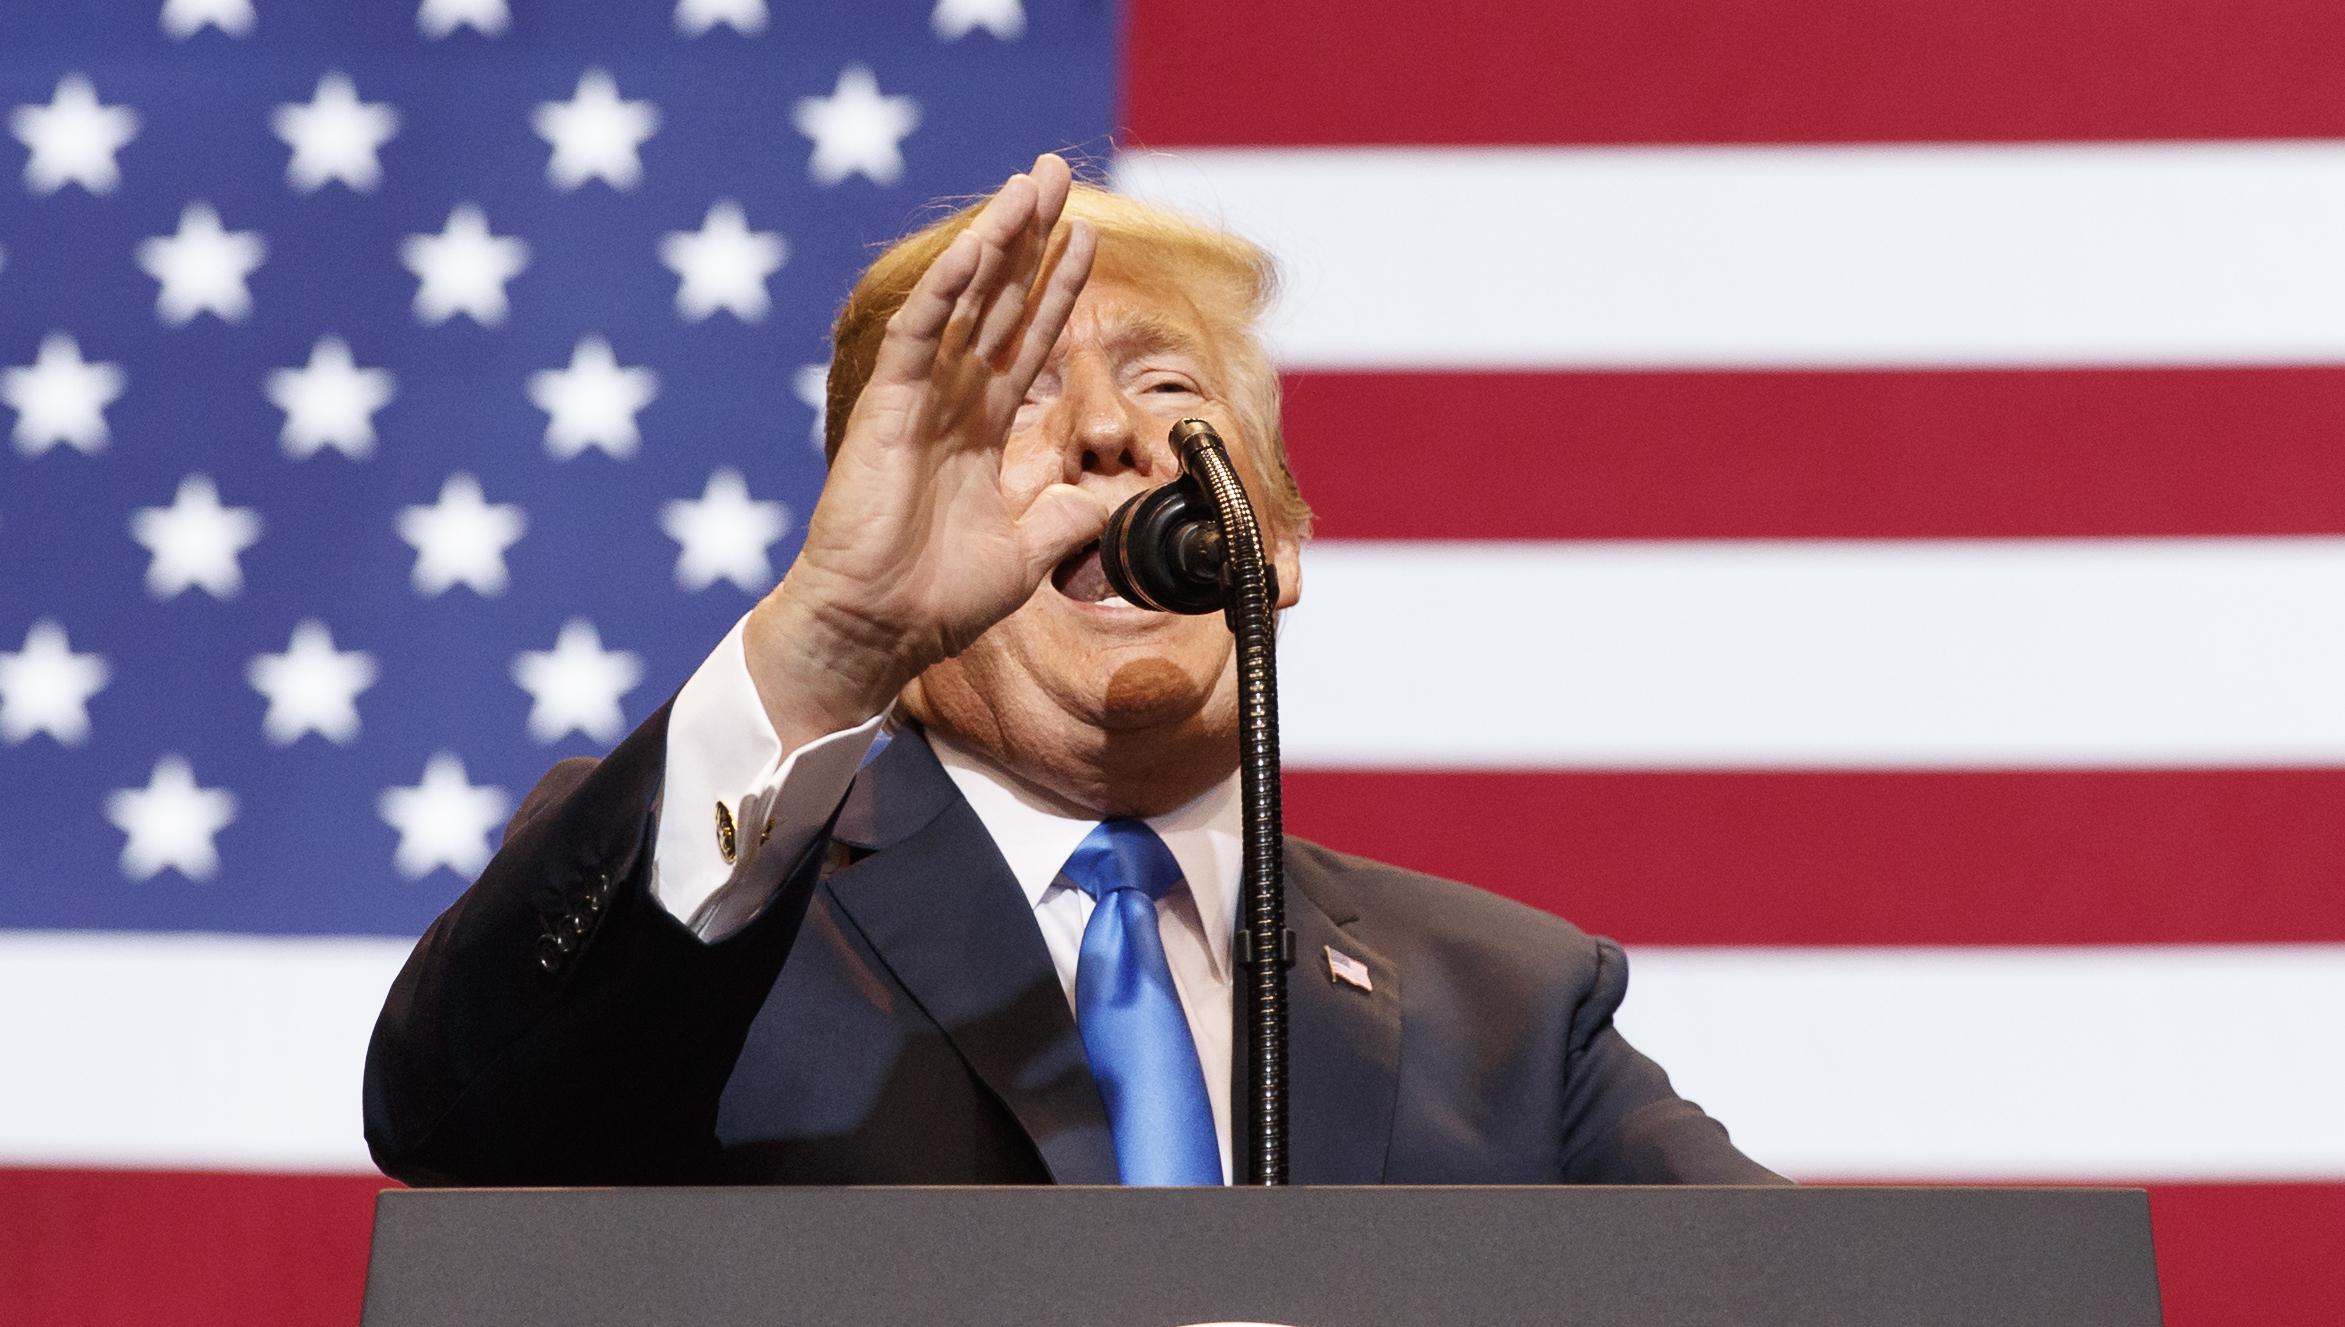 Trump_48912-159532.jpg62187545